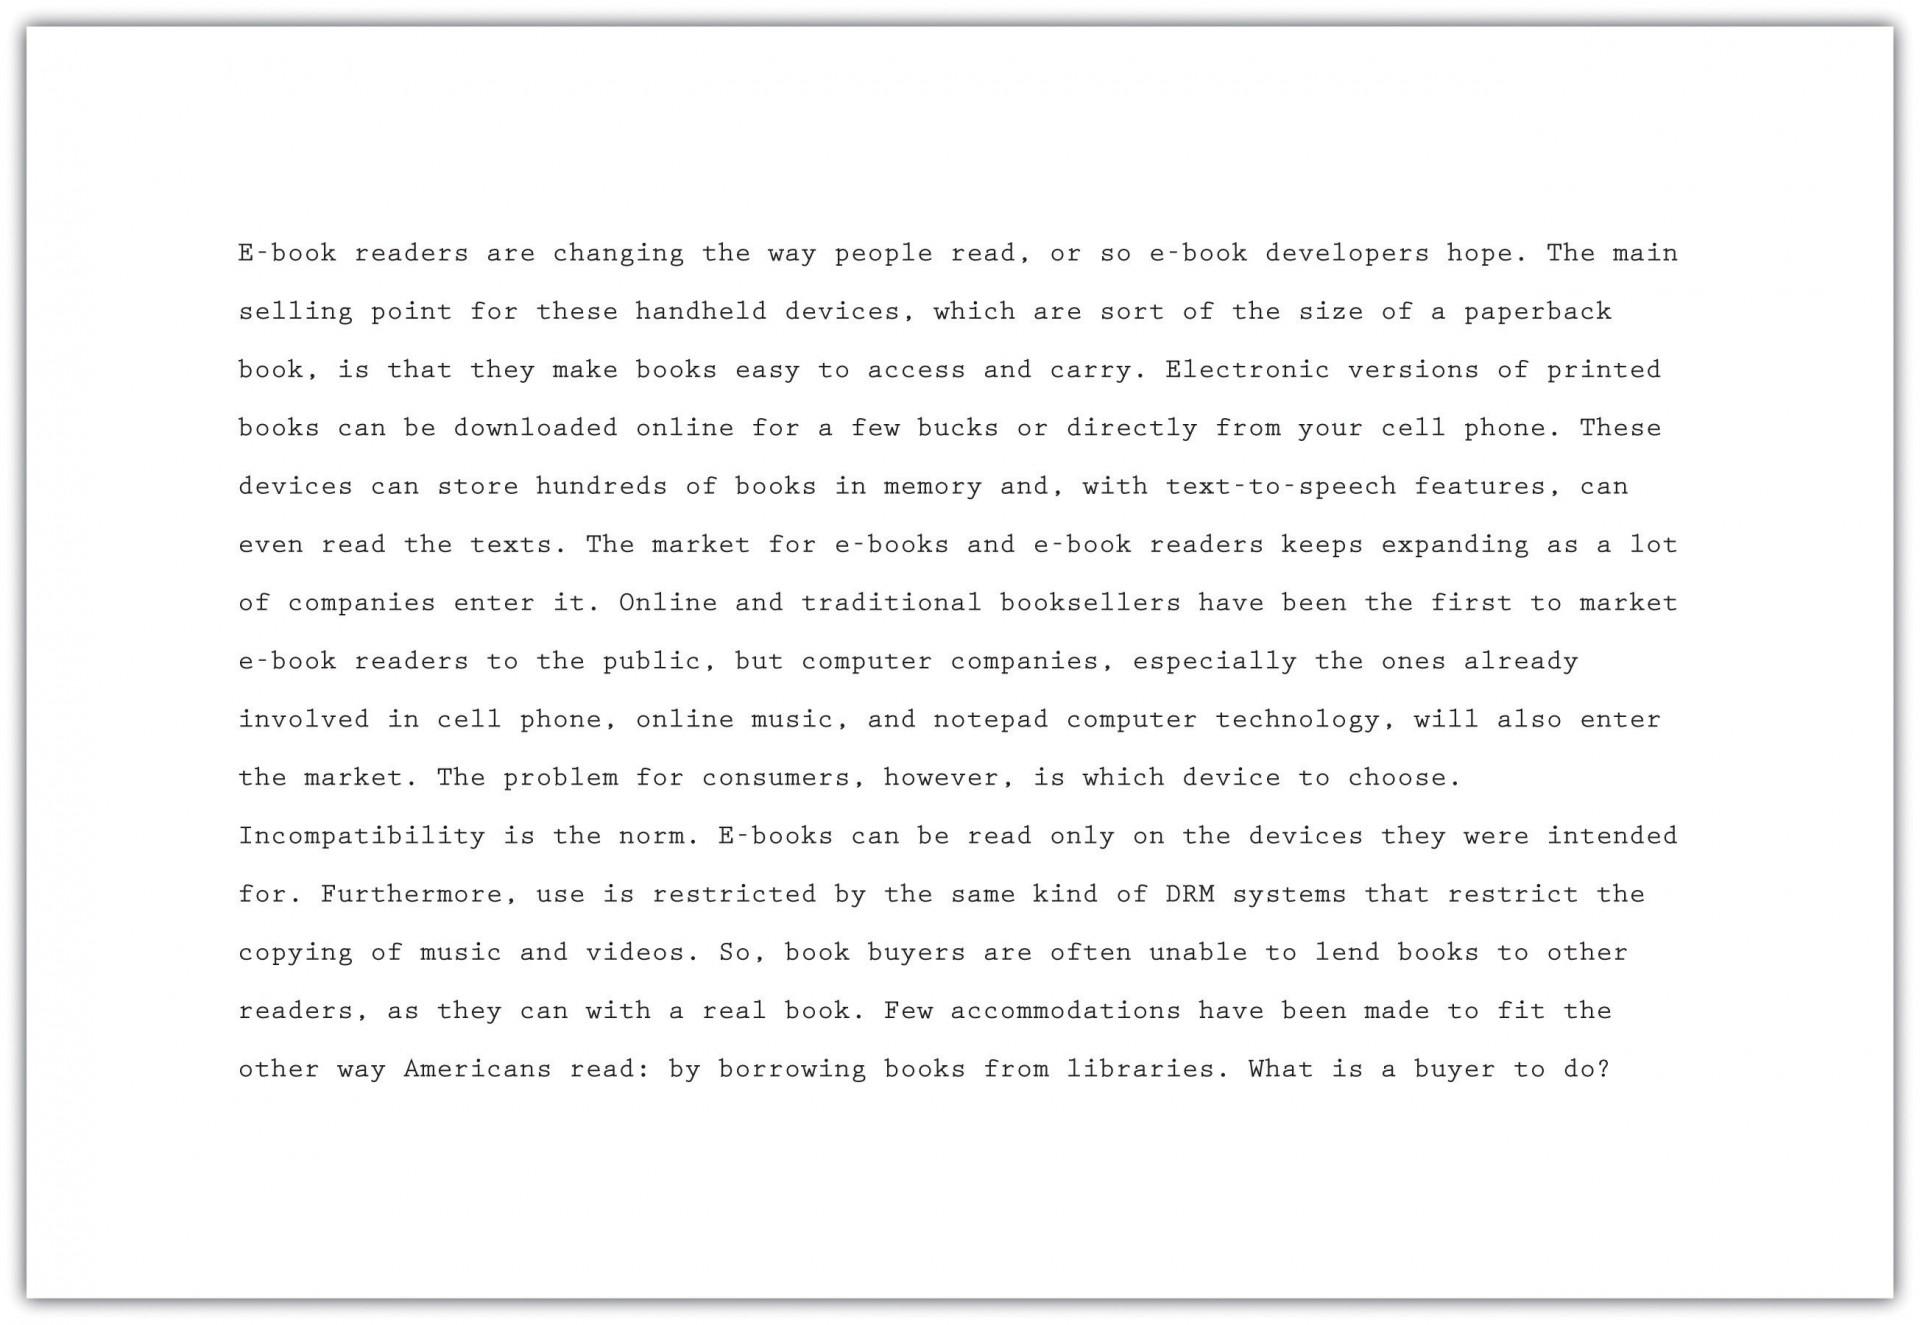 015 Essay Example Best Persuasive Topics Beautiful Uk Argumentative For College 1920